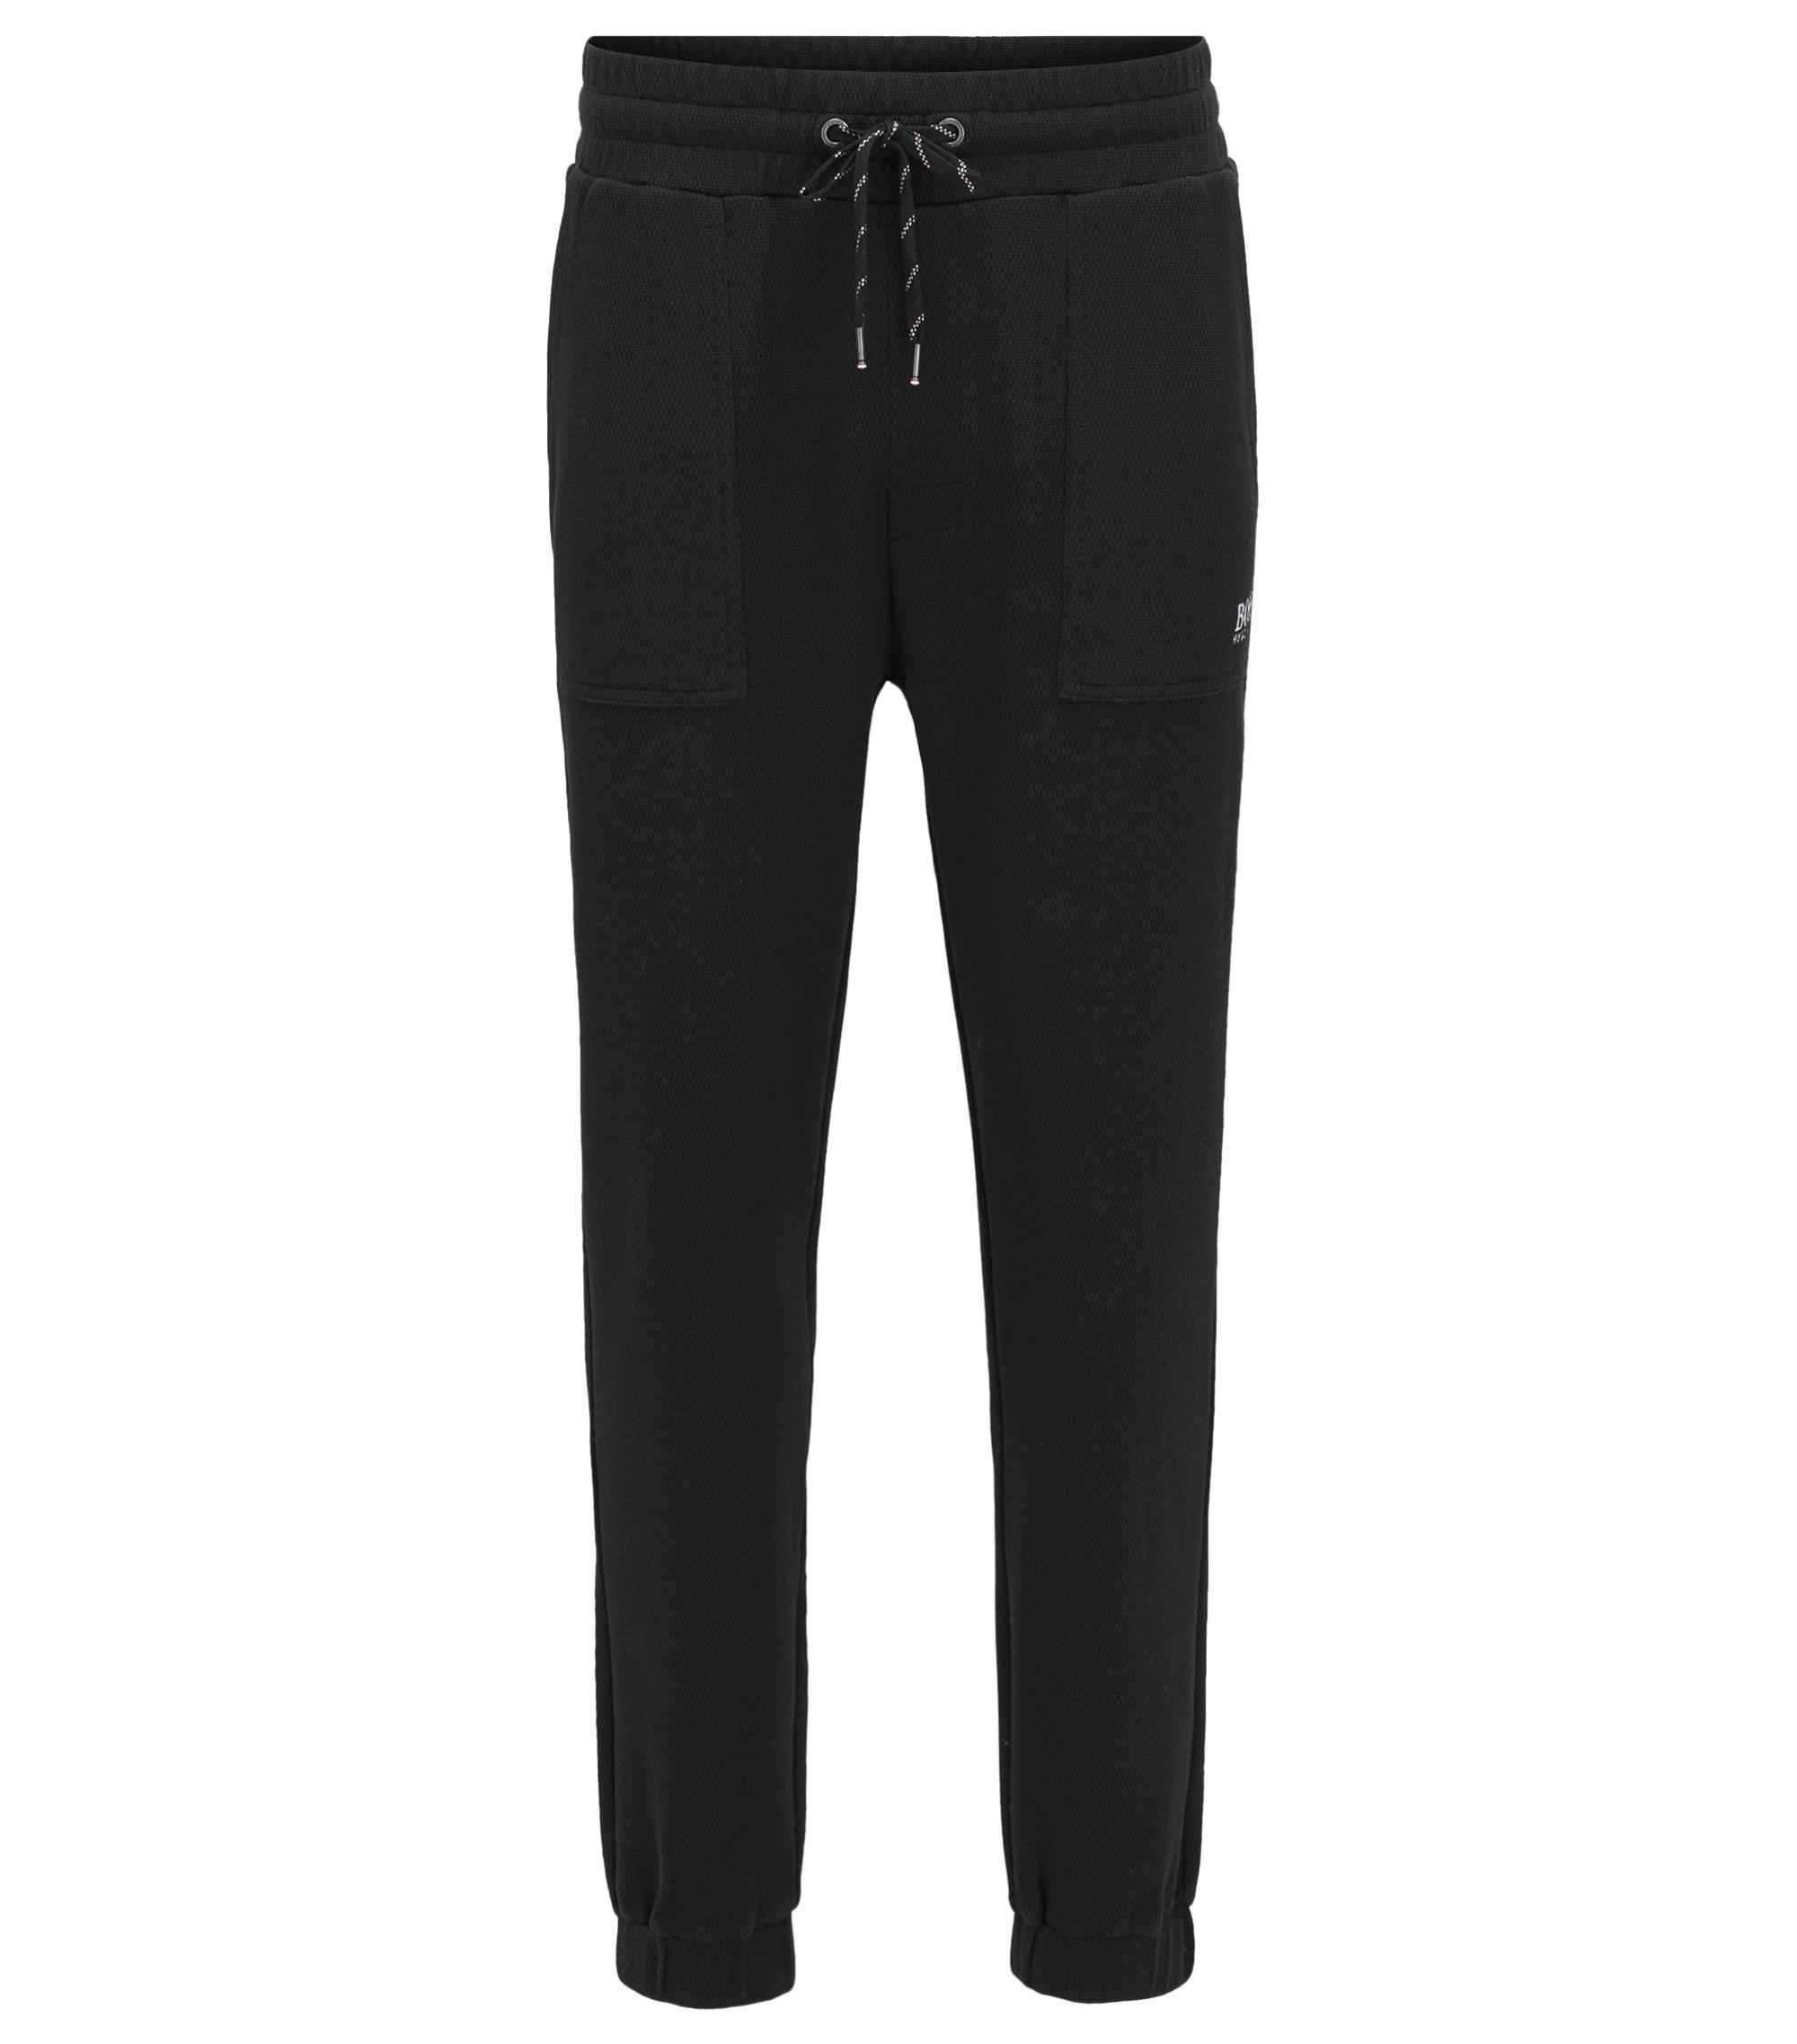 Pantaloni per il tempo libero in piqué di misto cotone con fondo gamba elastico, Nero